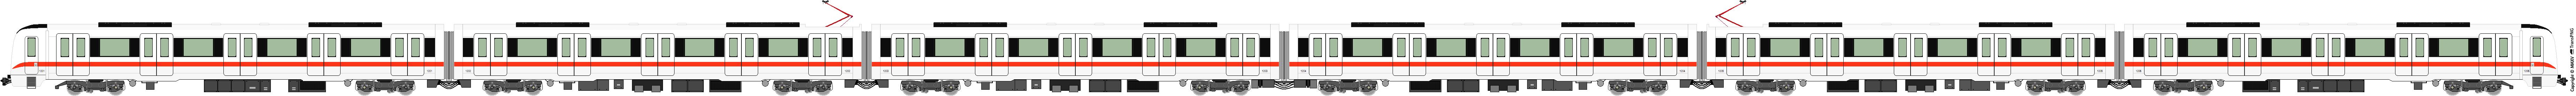 [5222] 港鐵軌道交通(深圳) 5222